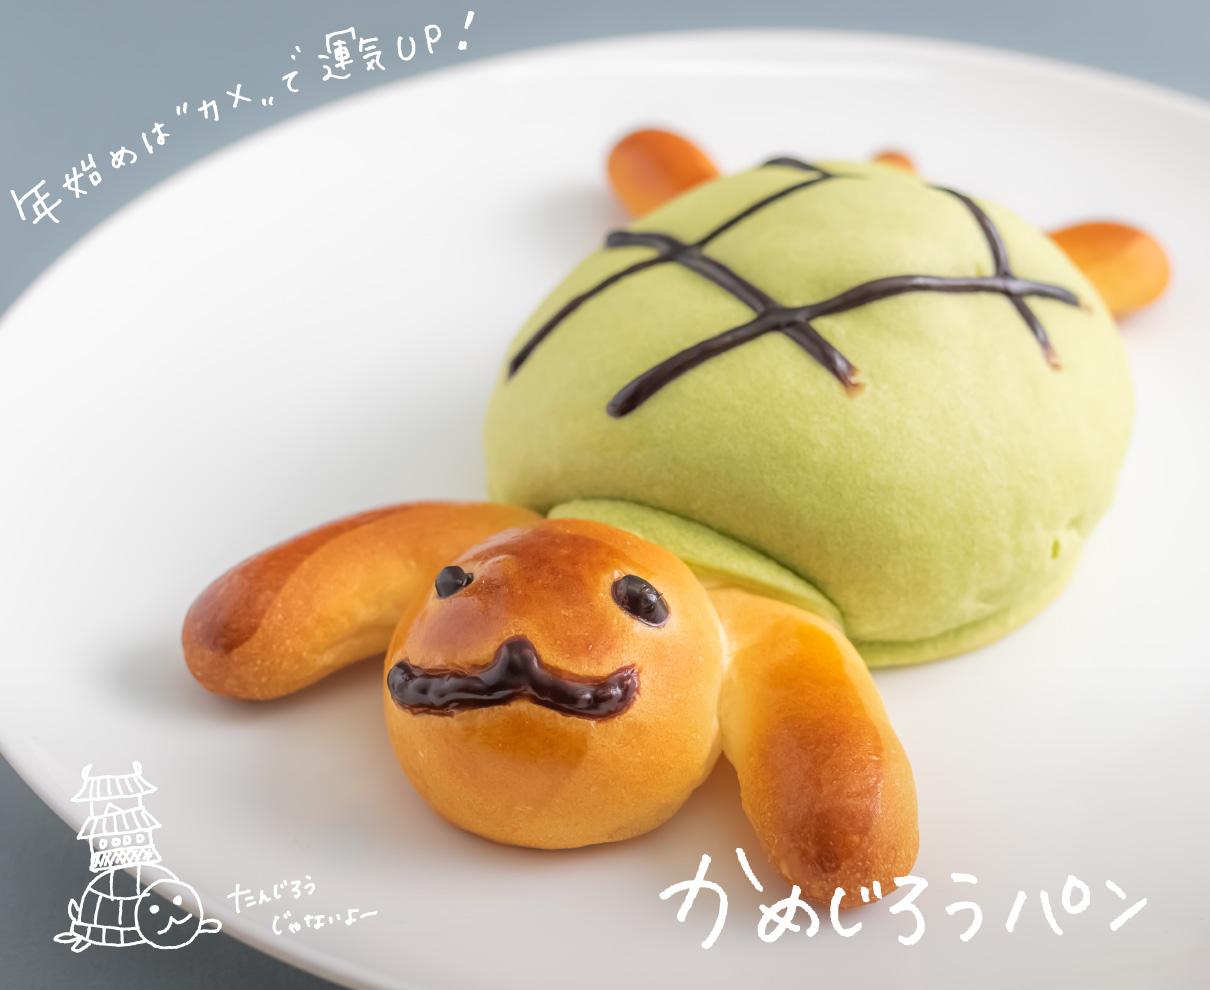 2種類の味が楽しめるキュートで美味しい、縁起の良いカメさんのパンを食べて、運気UP!|清水風月堂